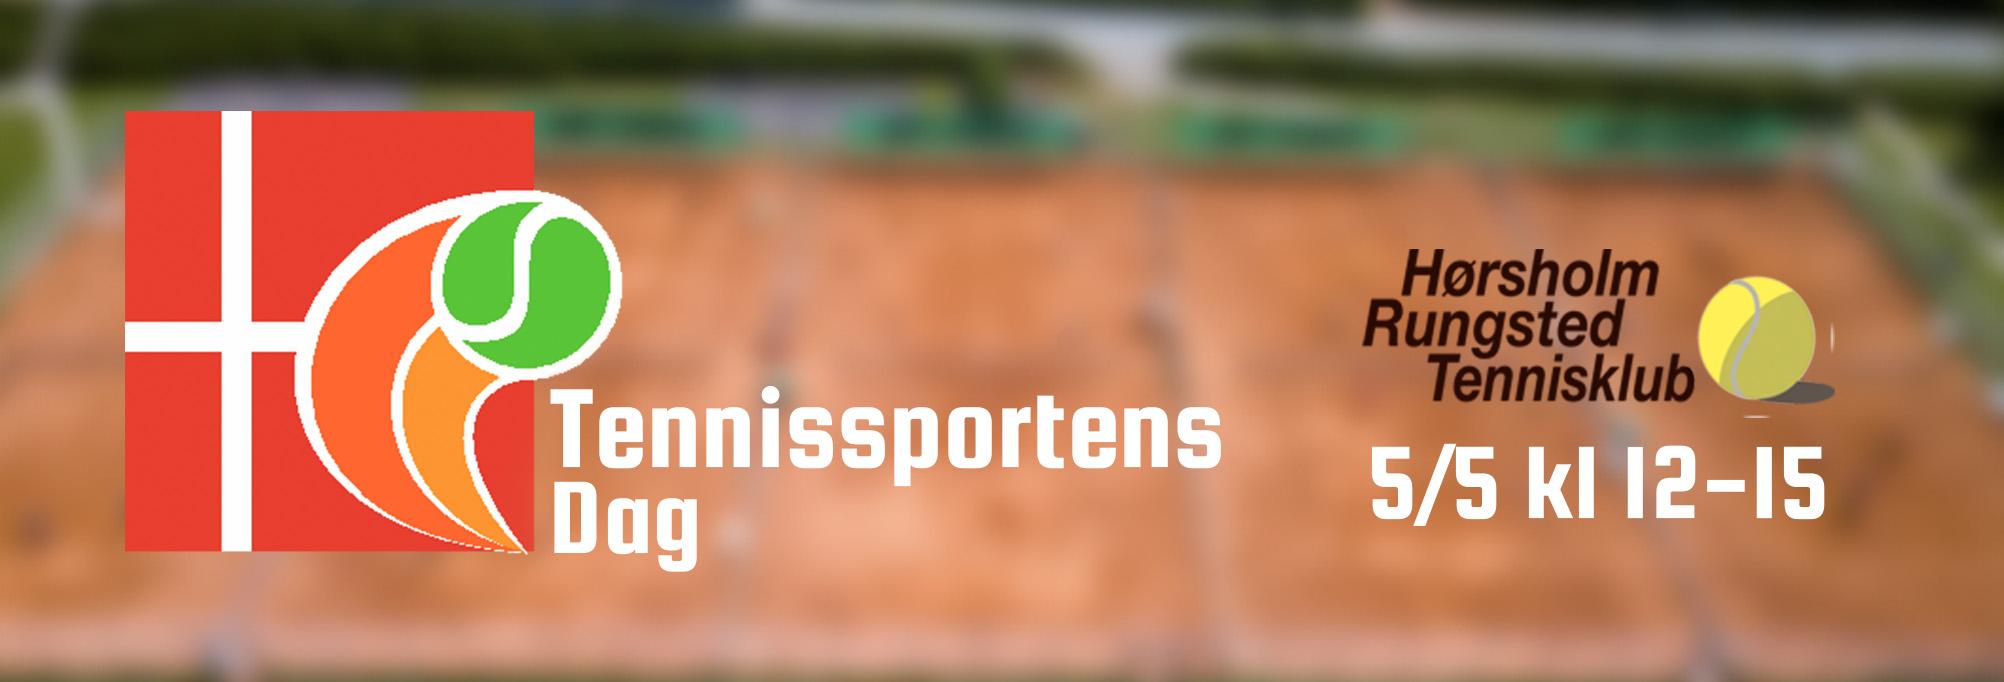 tennissportens-dag-web